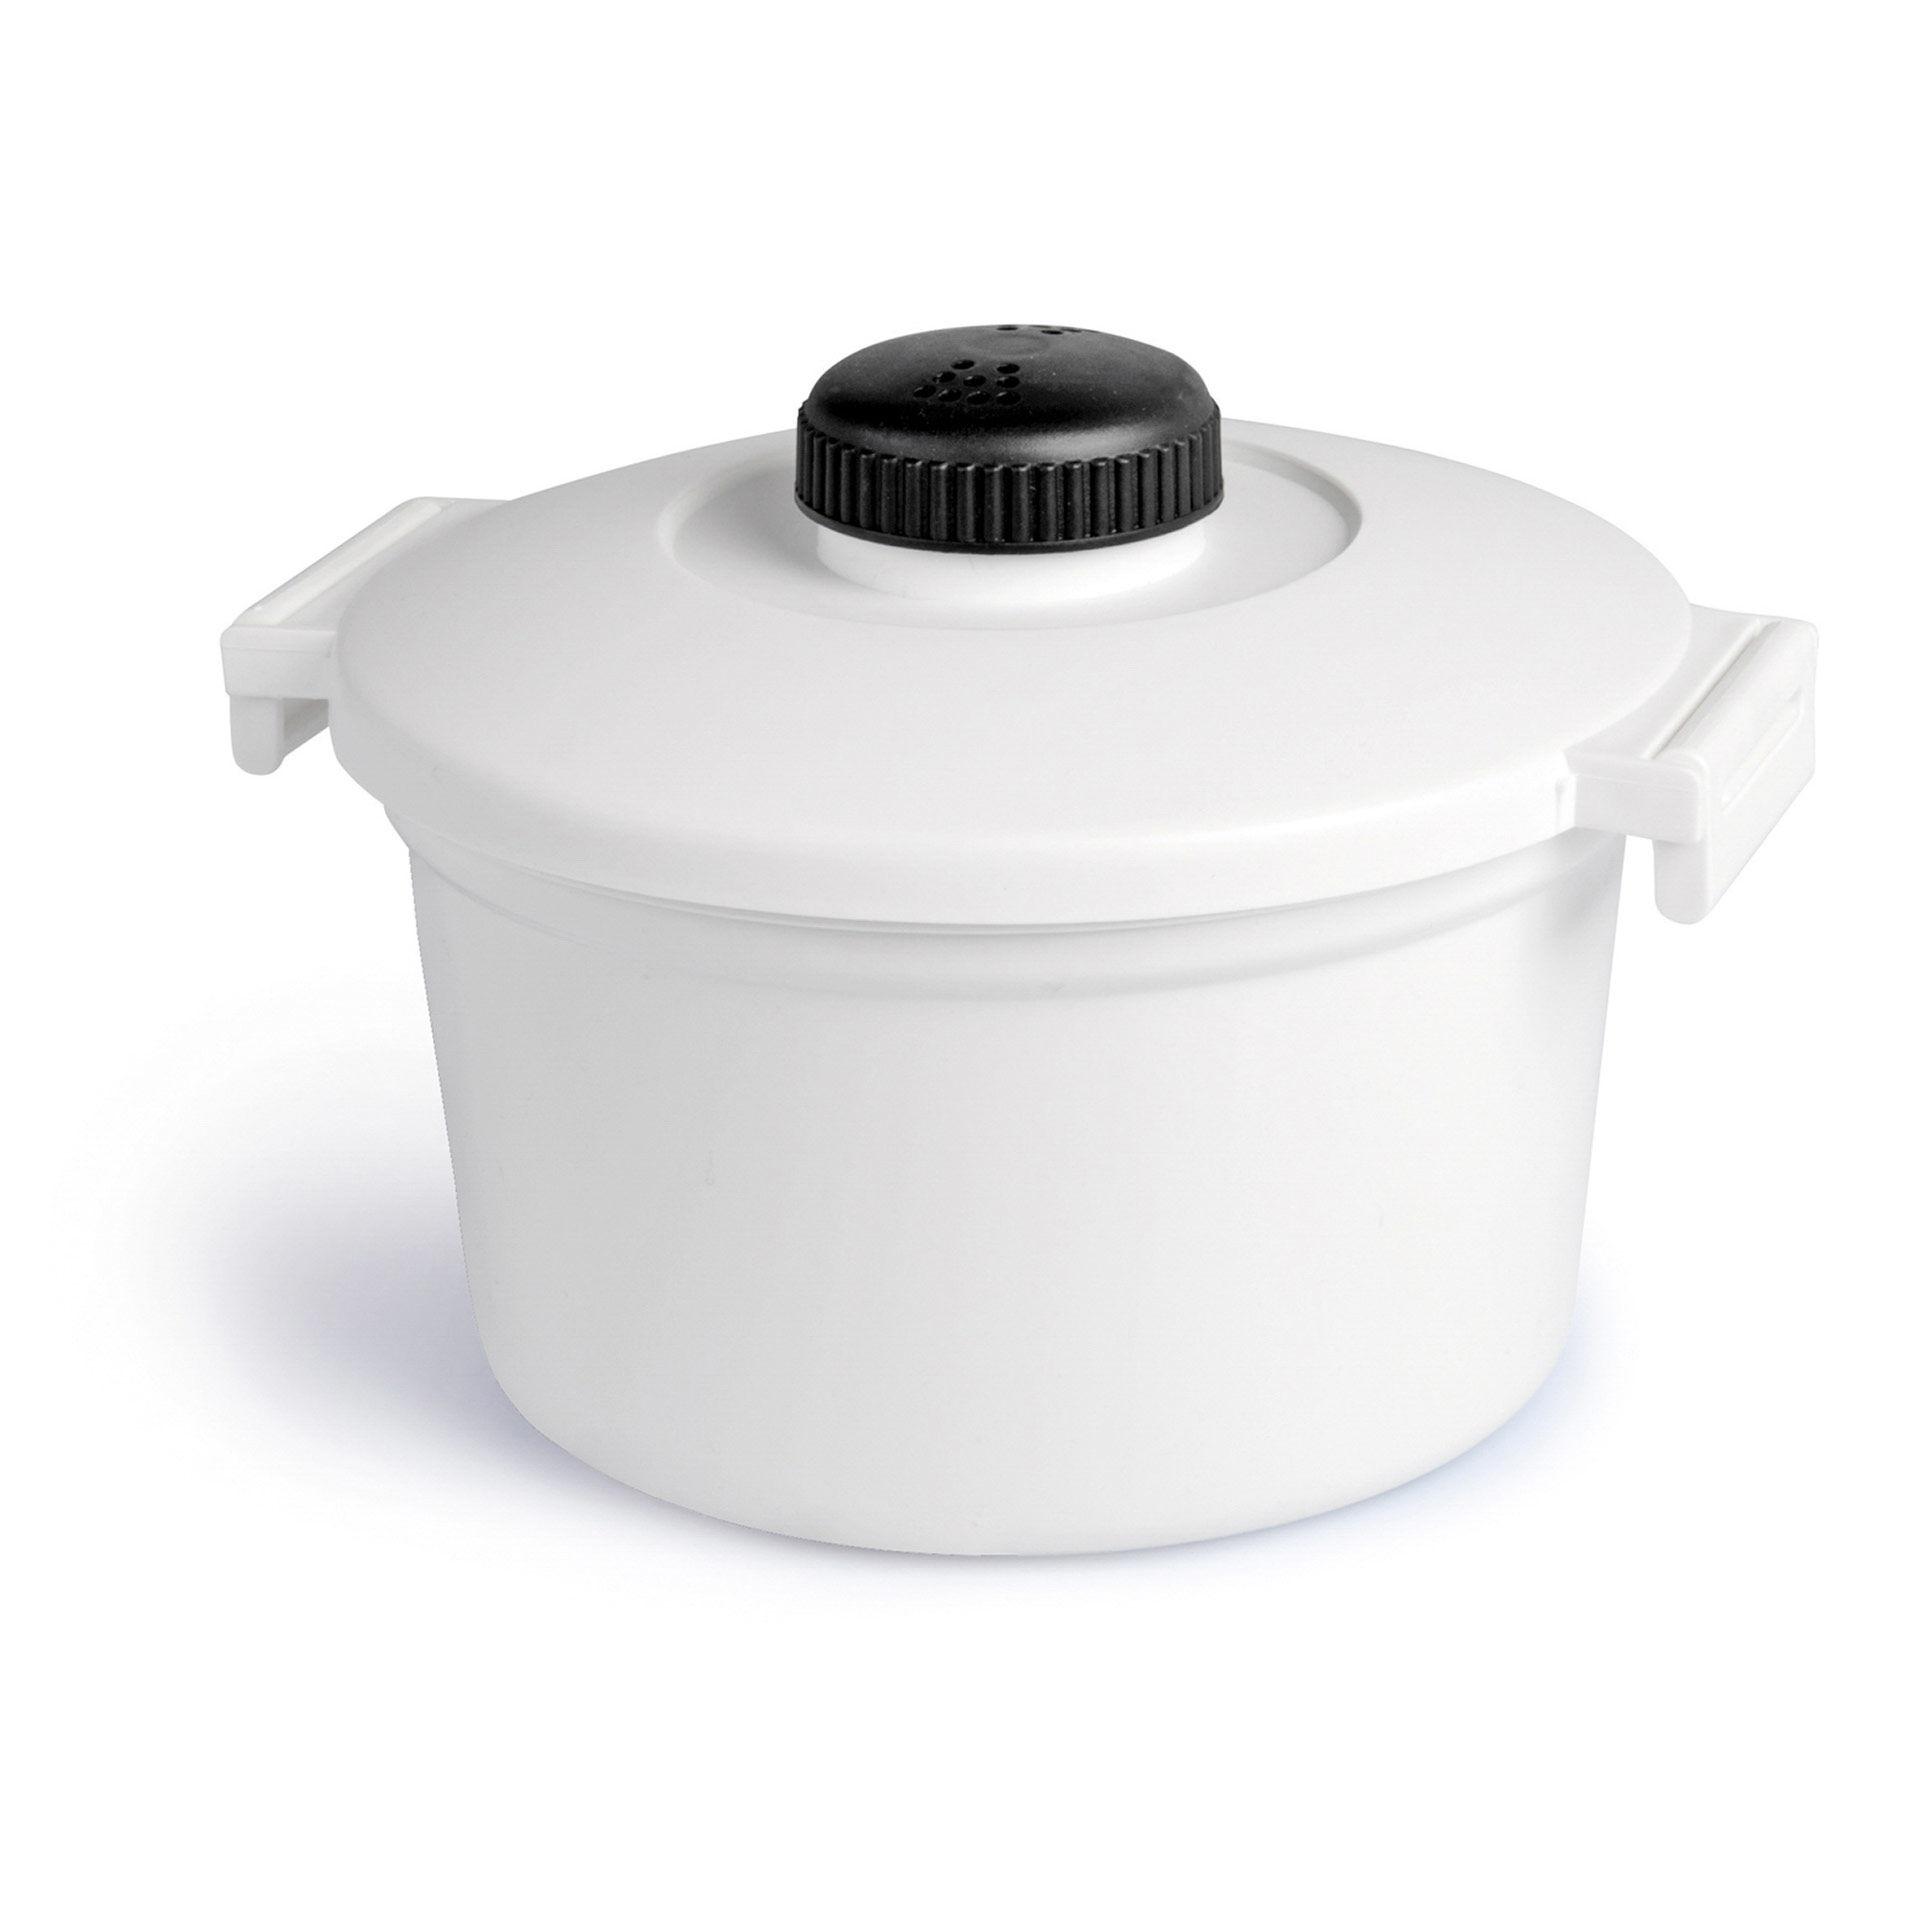 Auto-cuiseur pour micro-ondes, , large